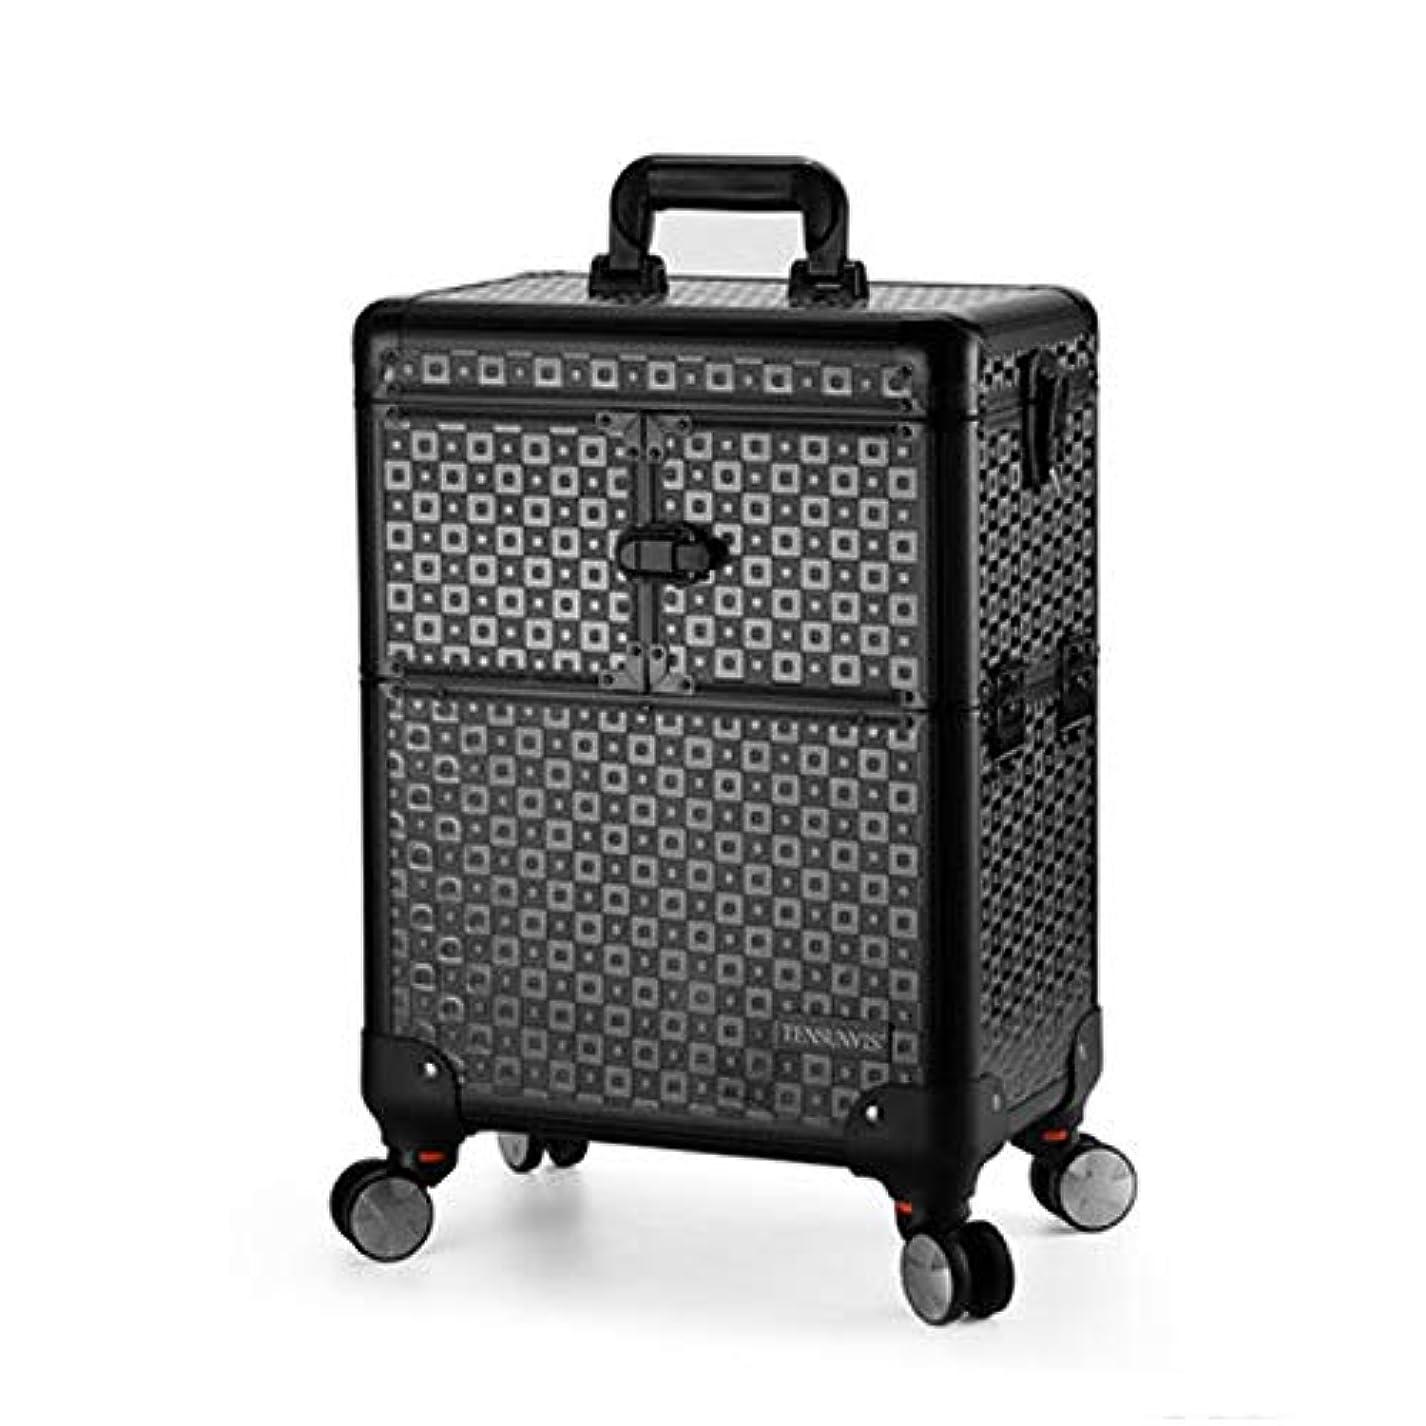 ミュージカルスプーン観客プロ専用 美容師 クローゼット スーツケース メイクボックス キャリーバッグ ヘアメイク プロ 大容量 軽量 高品質 多機能 I-TT-4622-TB-T